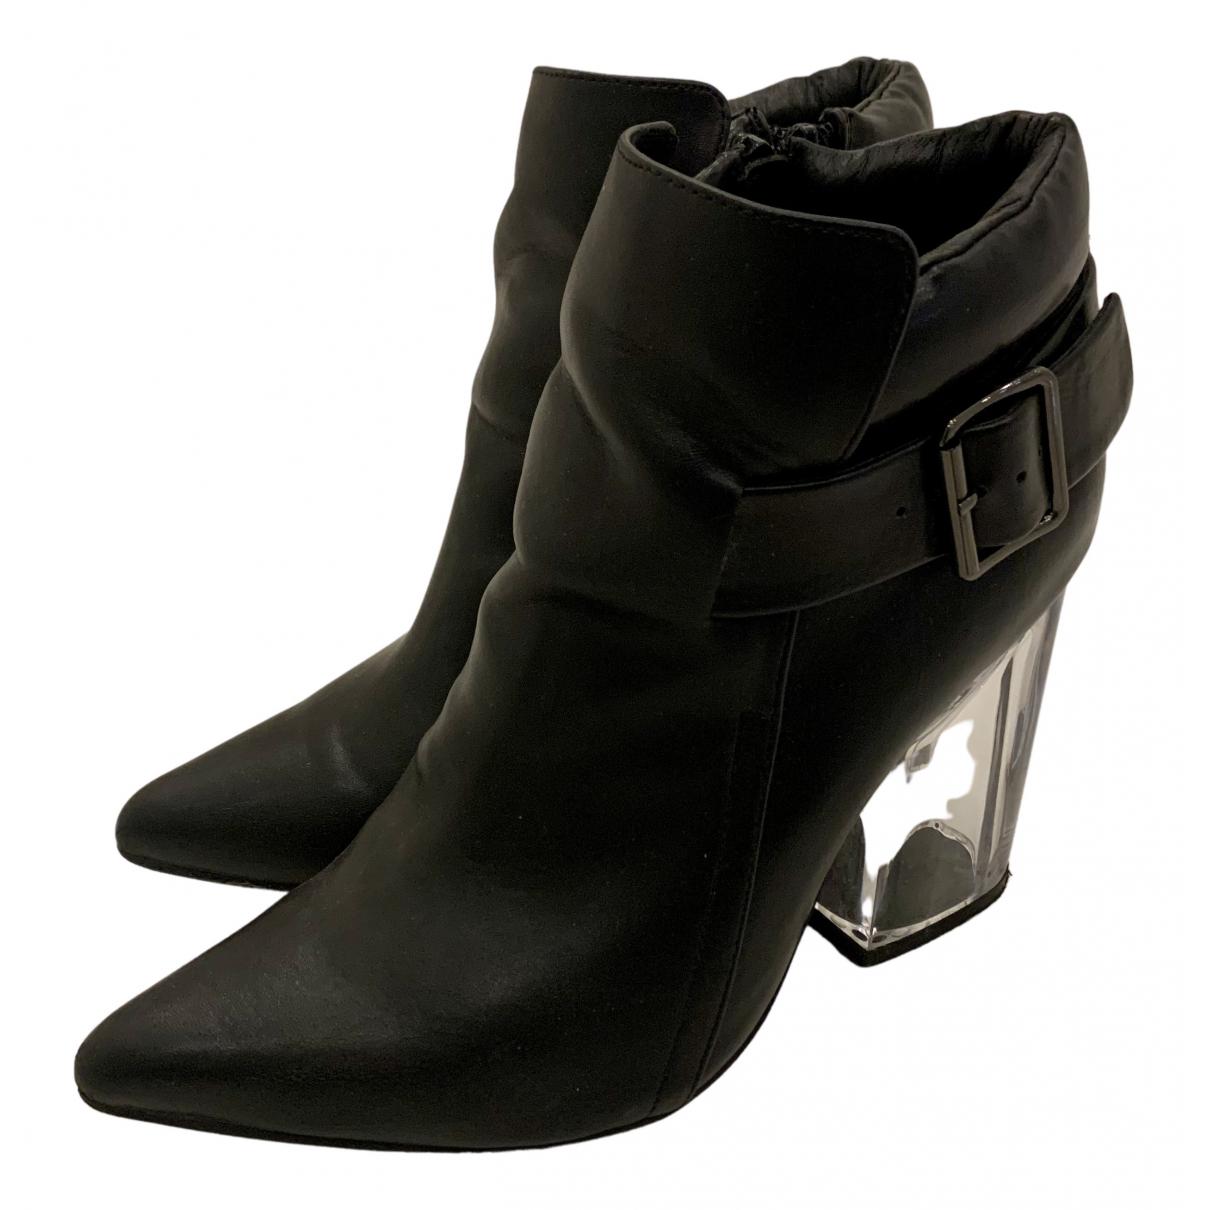 Jeffrey Campbell - Boots   pour femme en cuir - noir